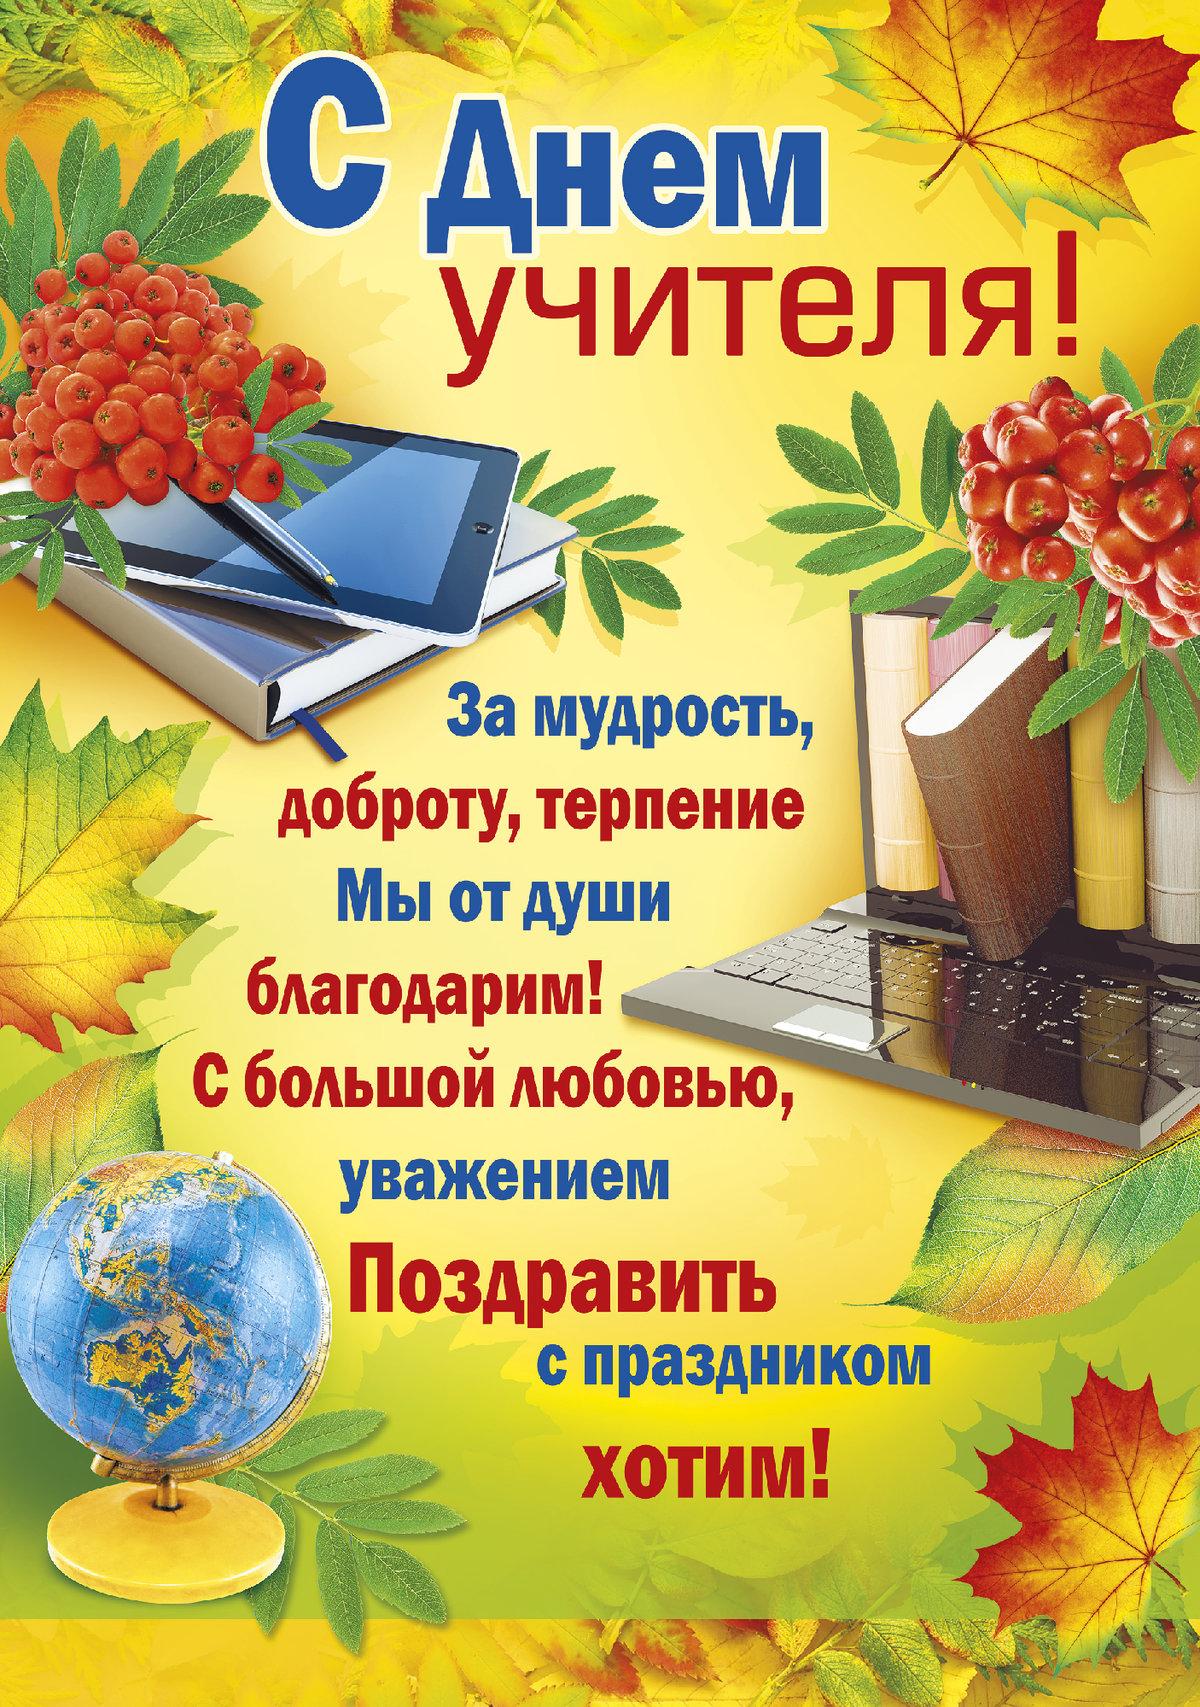 Картинки поздравления с днем учителя от учеников